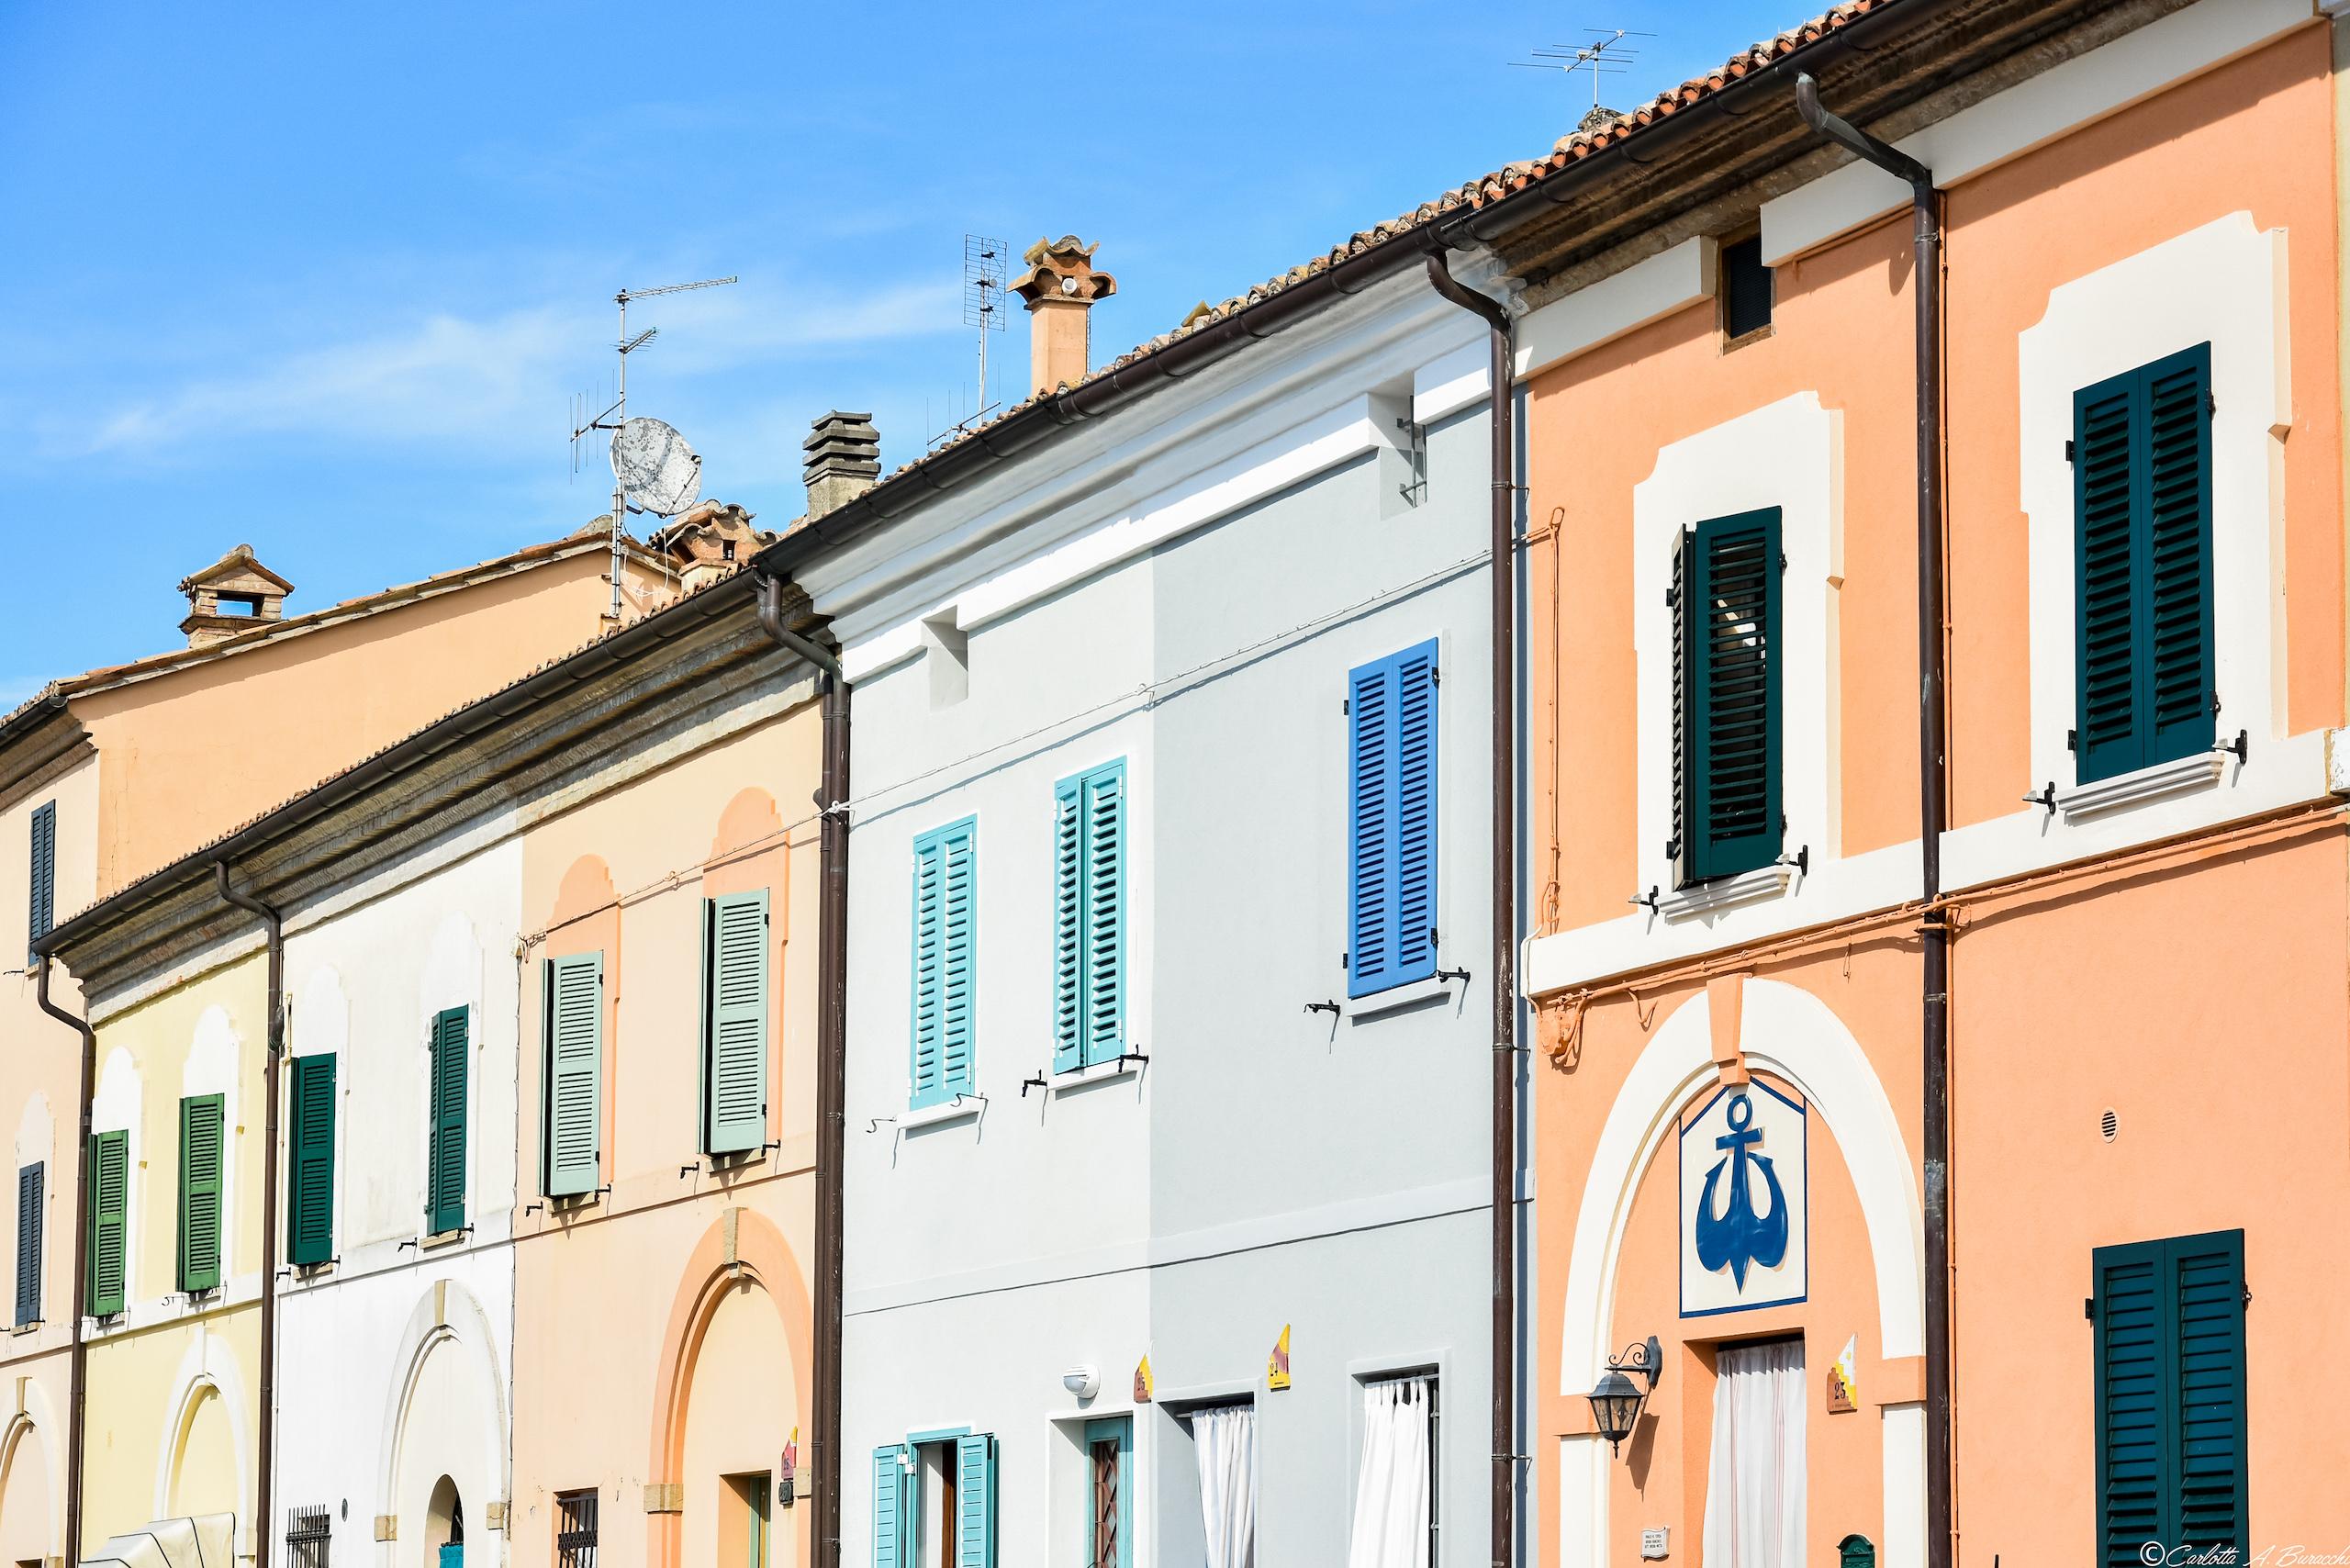 Le casette dalle facciate colorate affacciate sul canale a Pesaro